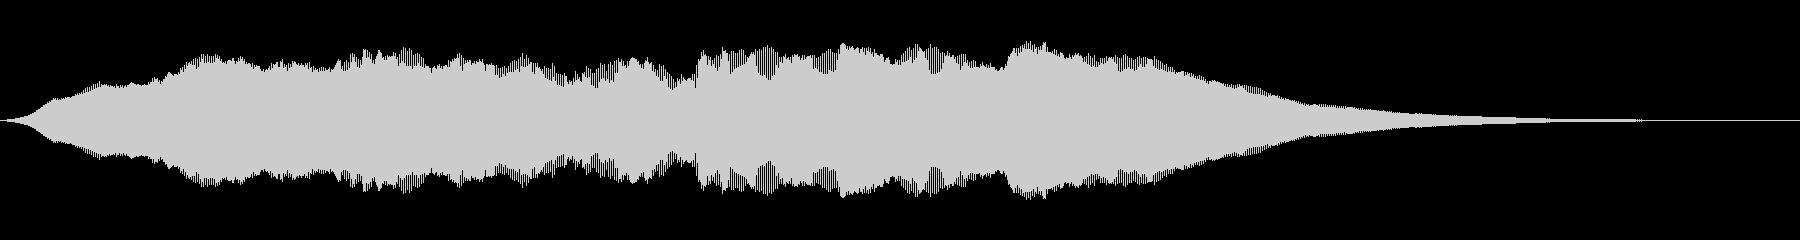 強化された予想トーンの未再生の波形